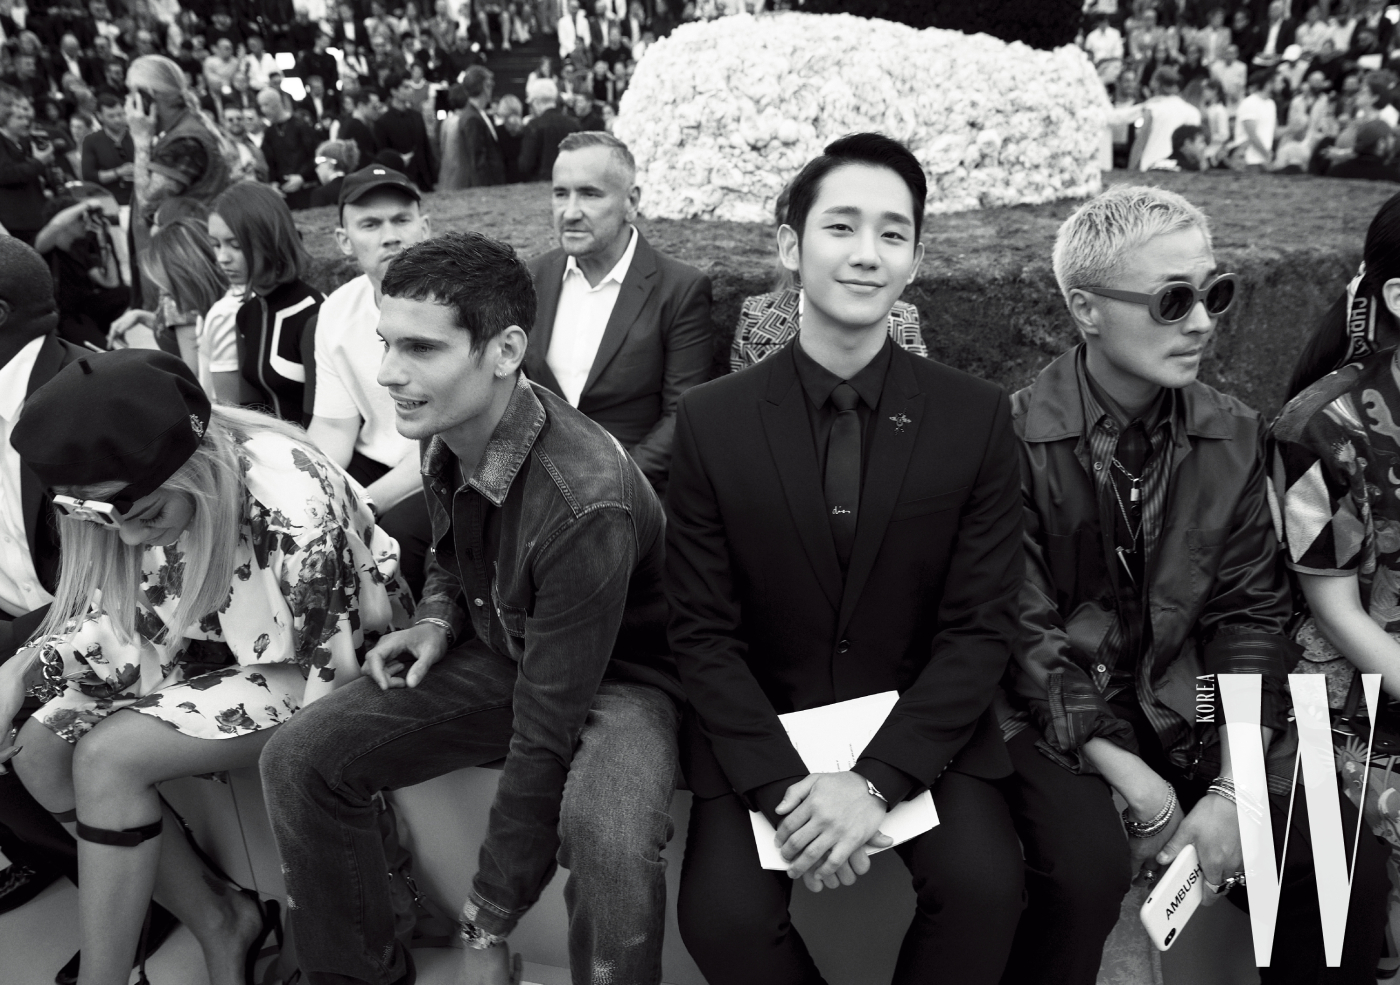 디올의 초대를 받은 게스트들과 나란히 프런트로에 자리한 그의 모습.